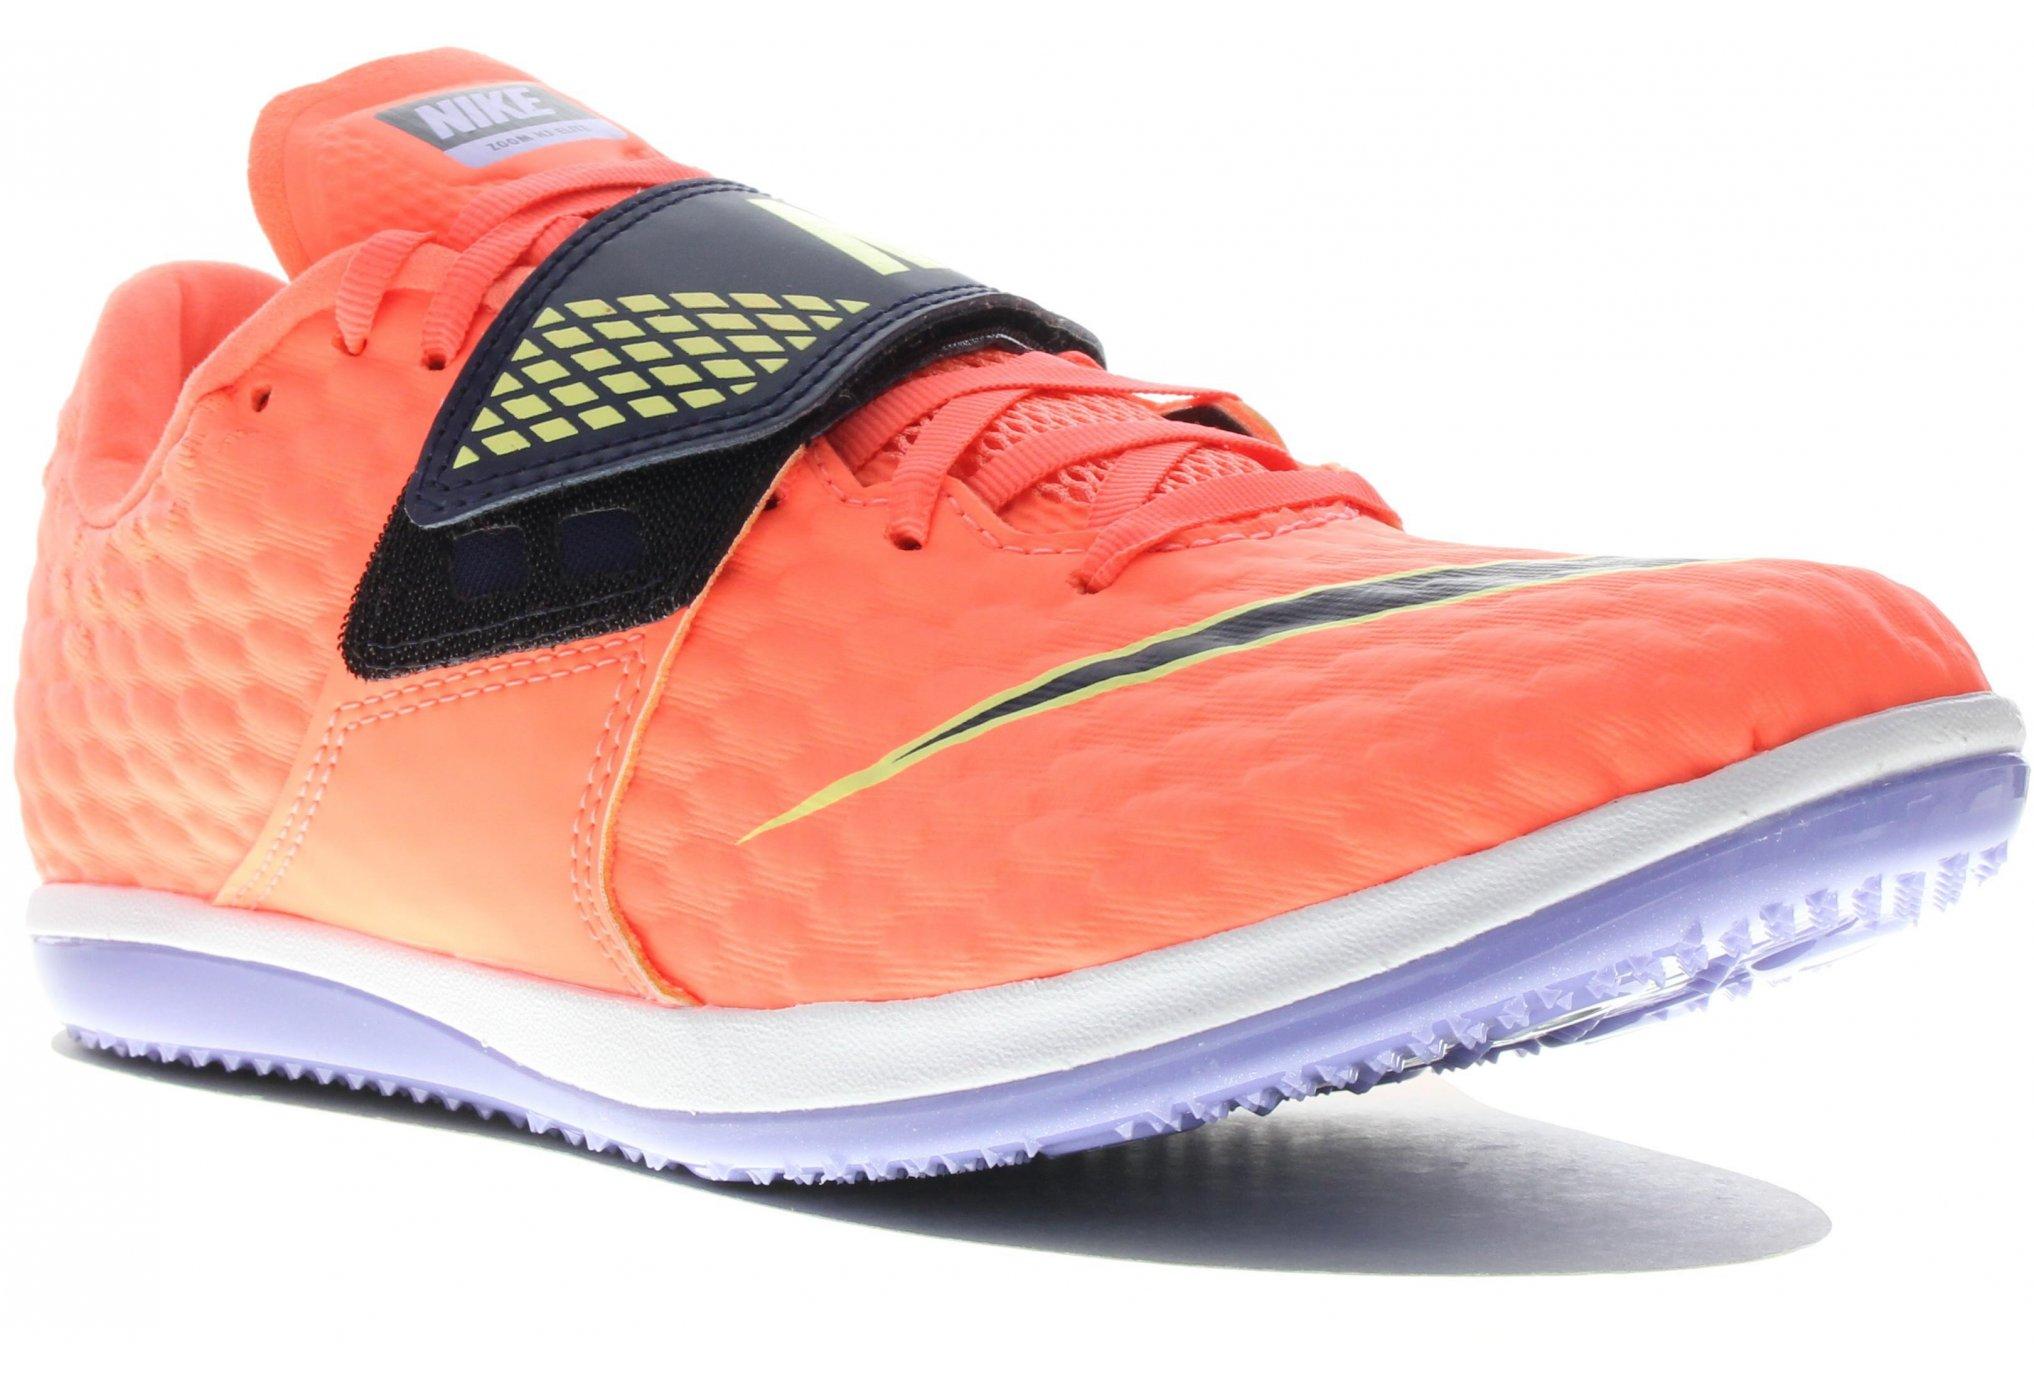 Nike High Jump Elite M Diététique Chaussures homme